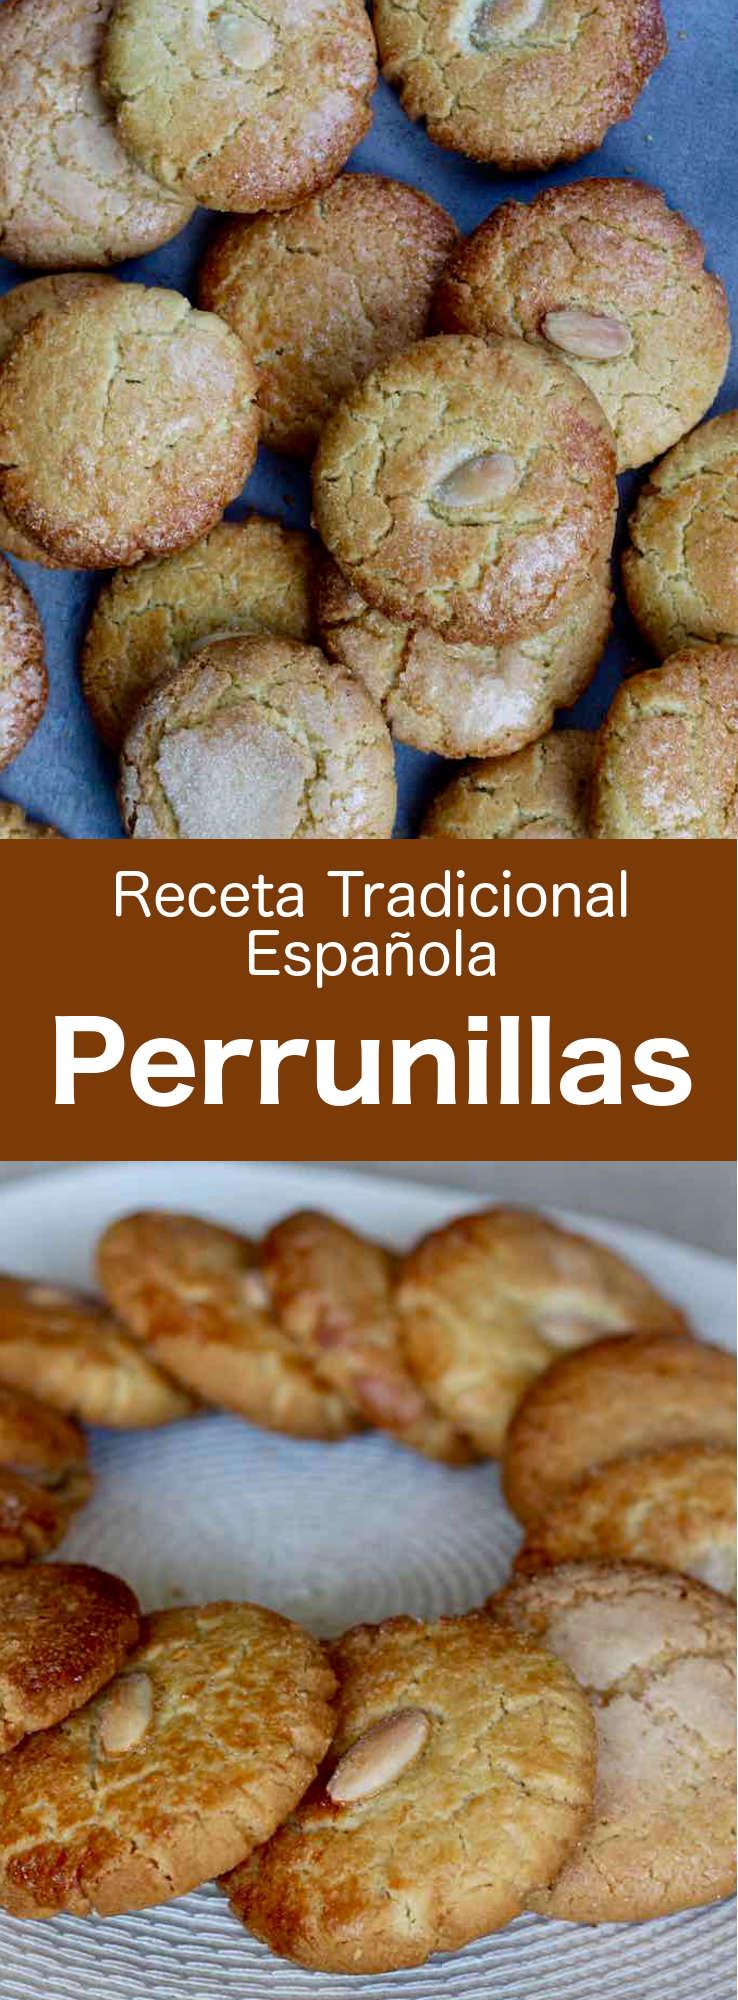 Las perrunillas son las galletas mantecadas más populares de la región de Extremadura en <a href=